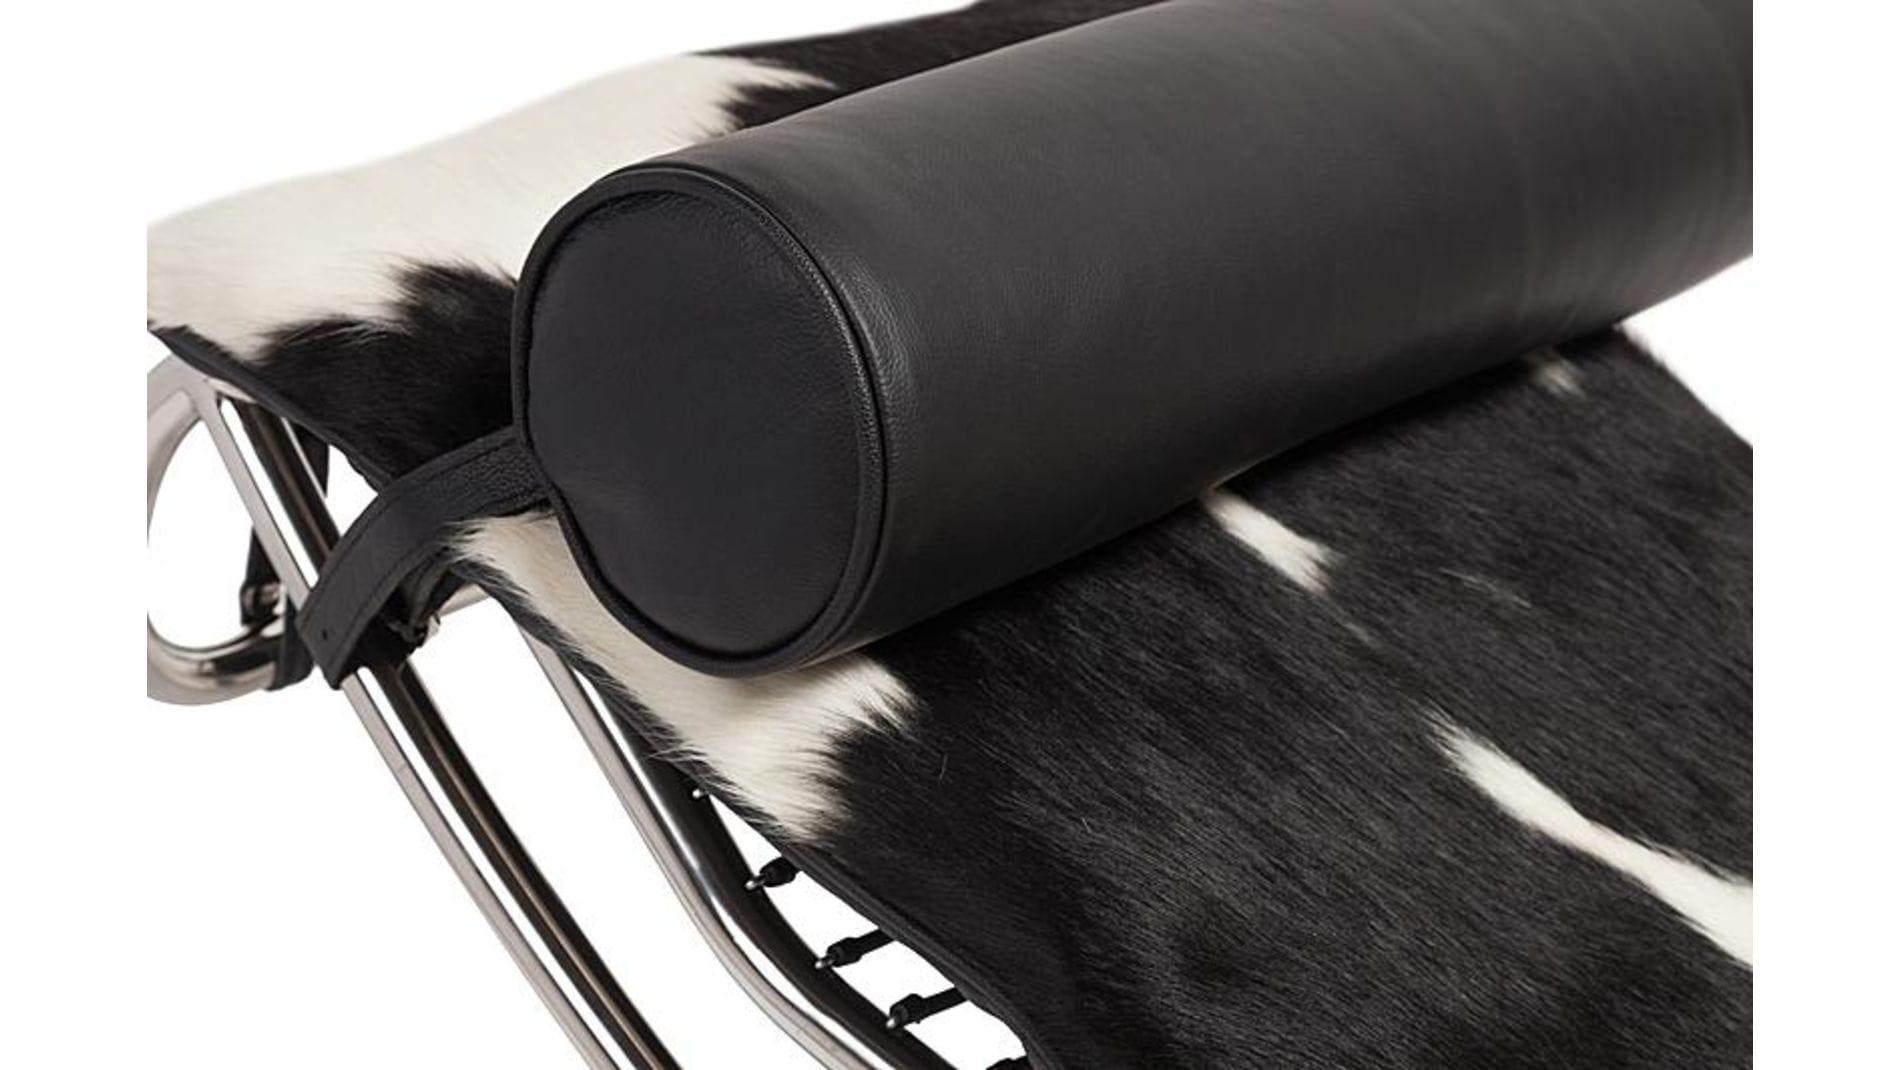 Кушетка Le Corbusier Chaise Lounge Pony Black-White Premium Leather